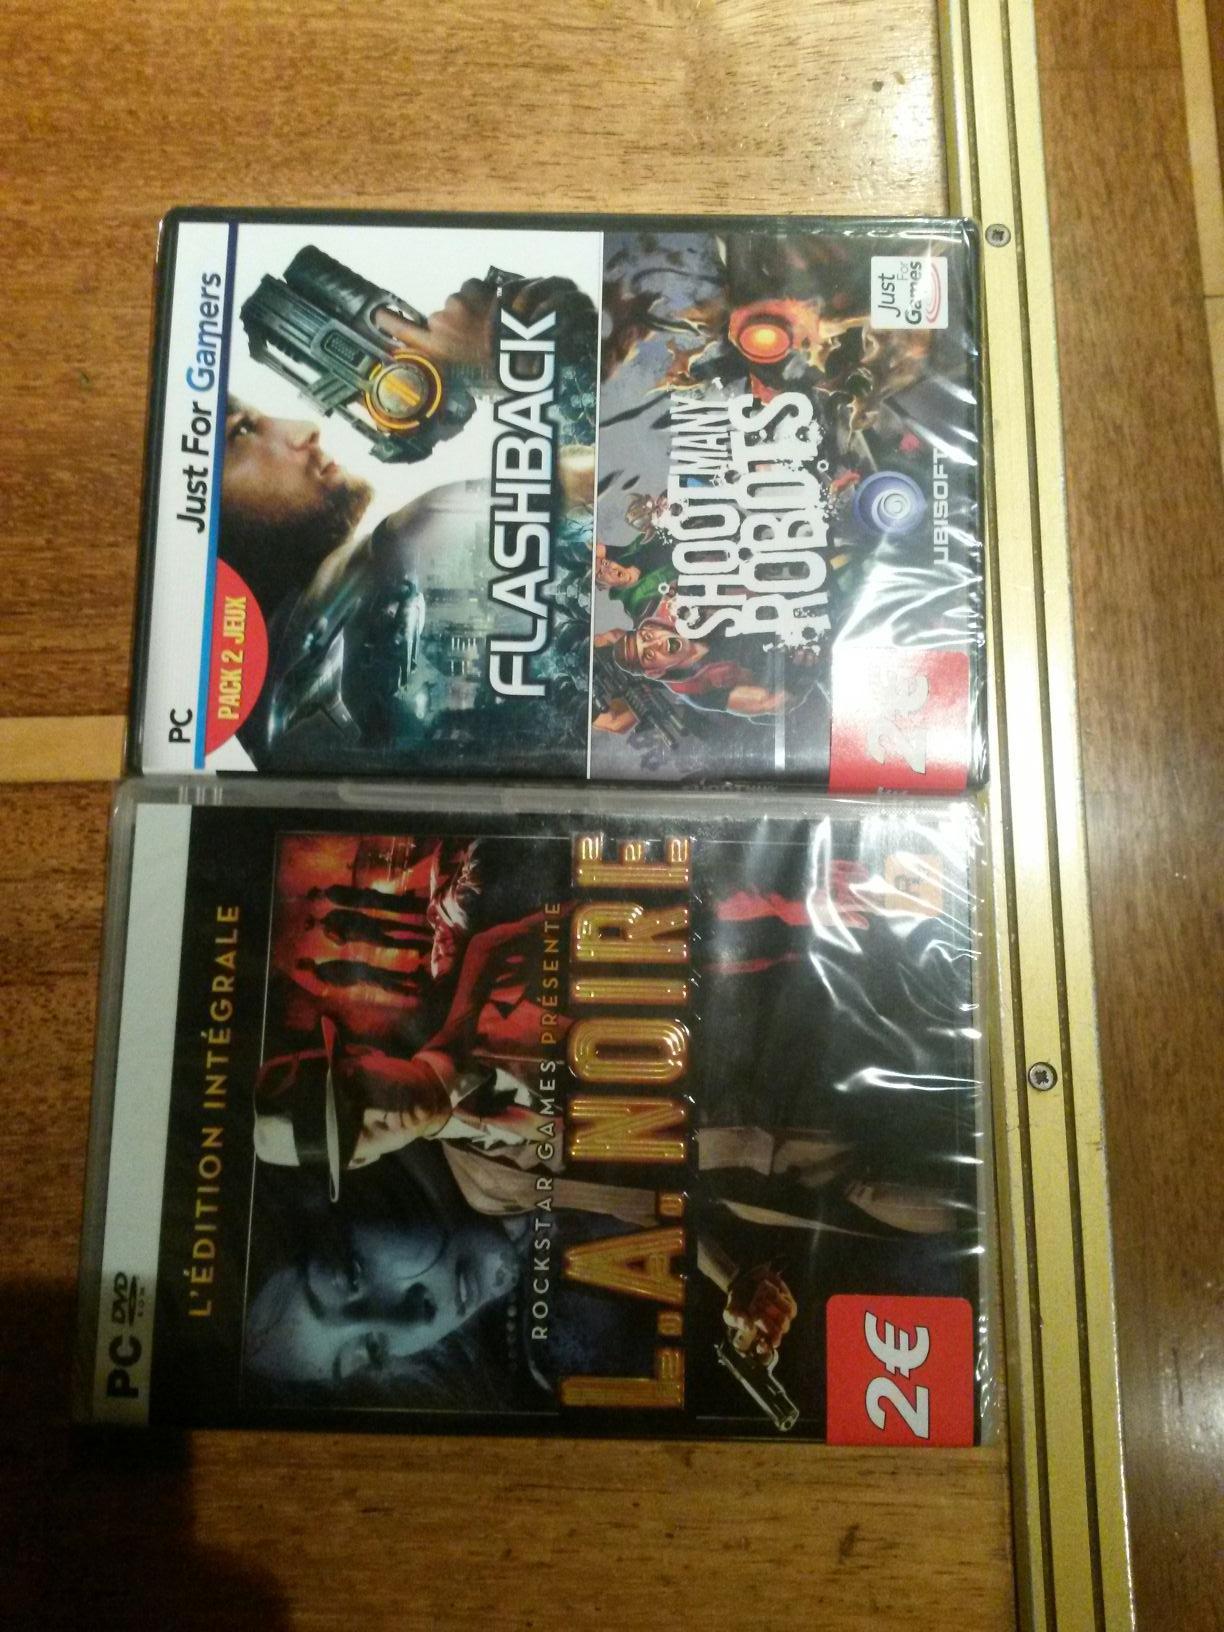 Sélection de jeux PC en promo (L.A. Noire - Edition Intégrale, Flashback...)